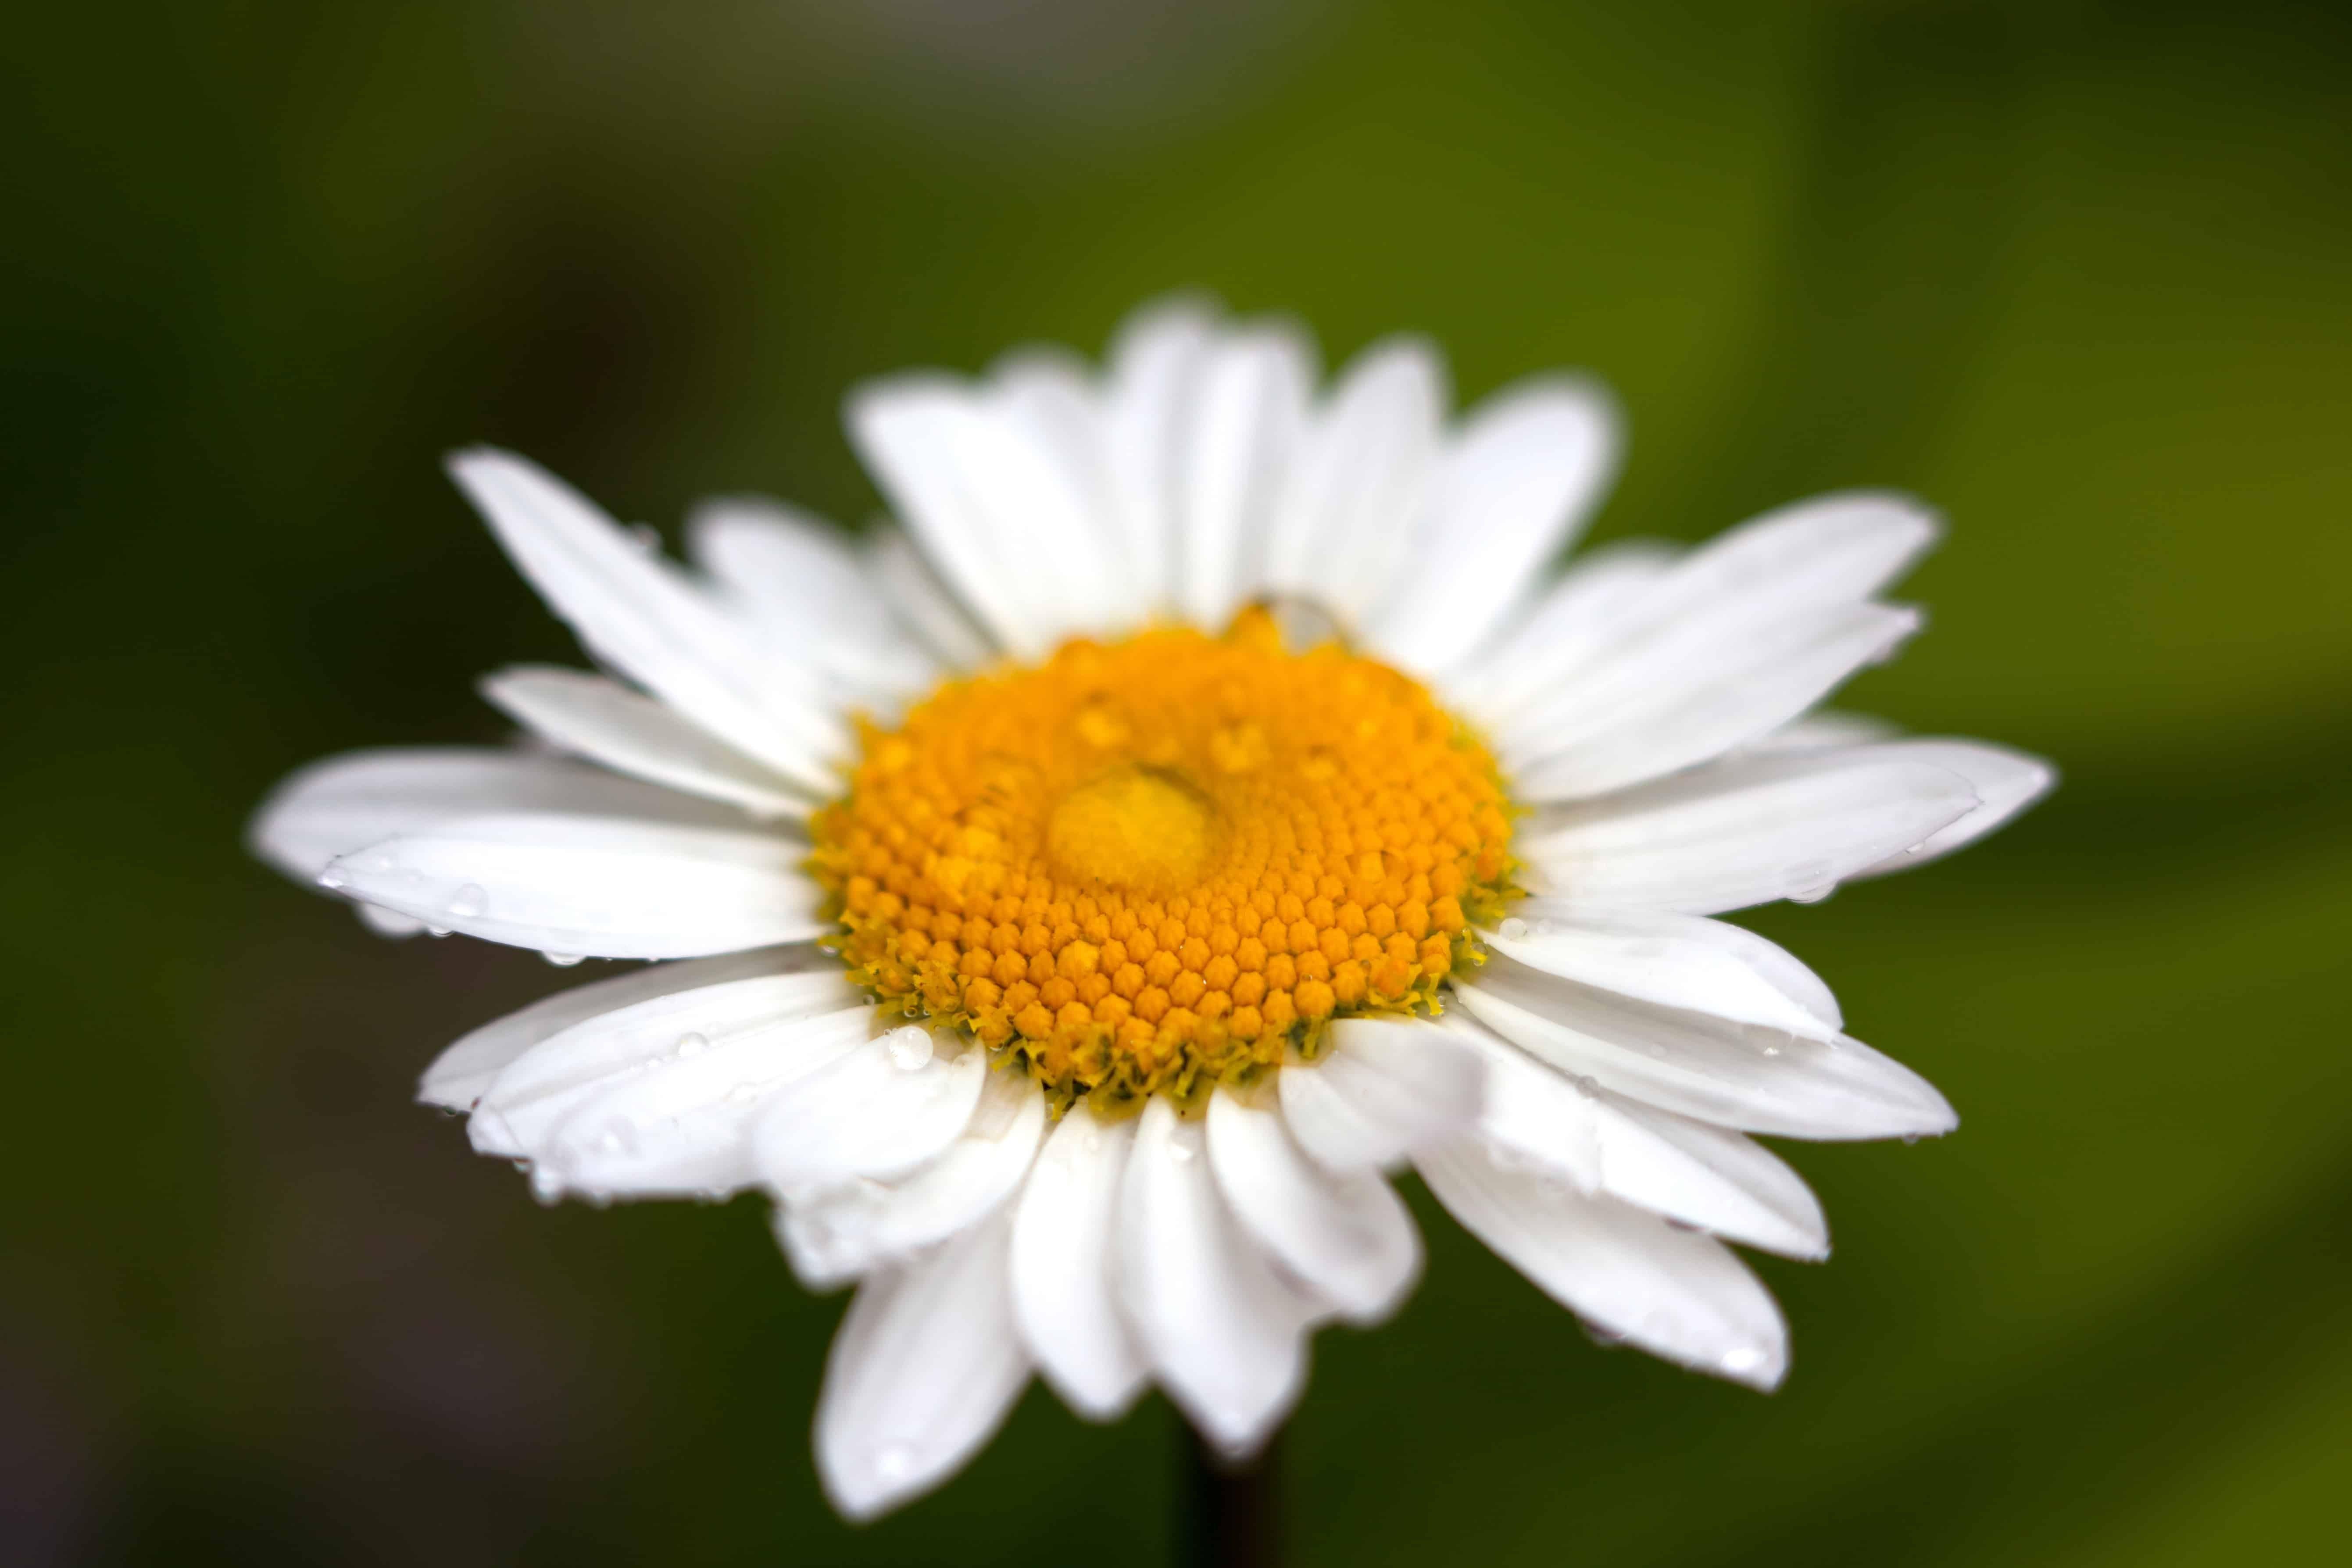 Gambar Bunga Daisy Putih Sebuah Bunga Daisy Terdiri Dari Kelopak Putih Dan Pusat Kuning Meskipun Bunga Kadang Kadang Dapat Me Gambar Bunga Bunga Daisy Bunga